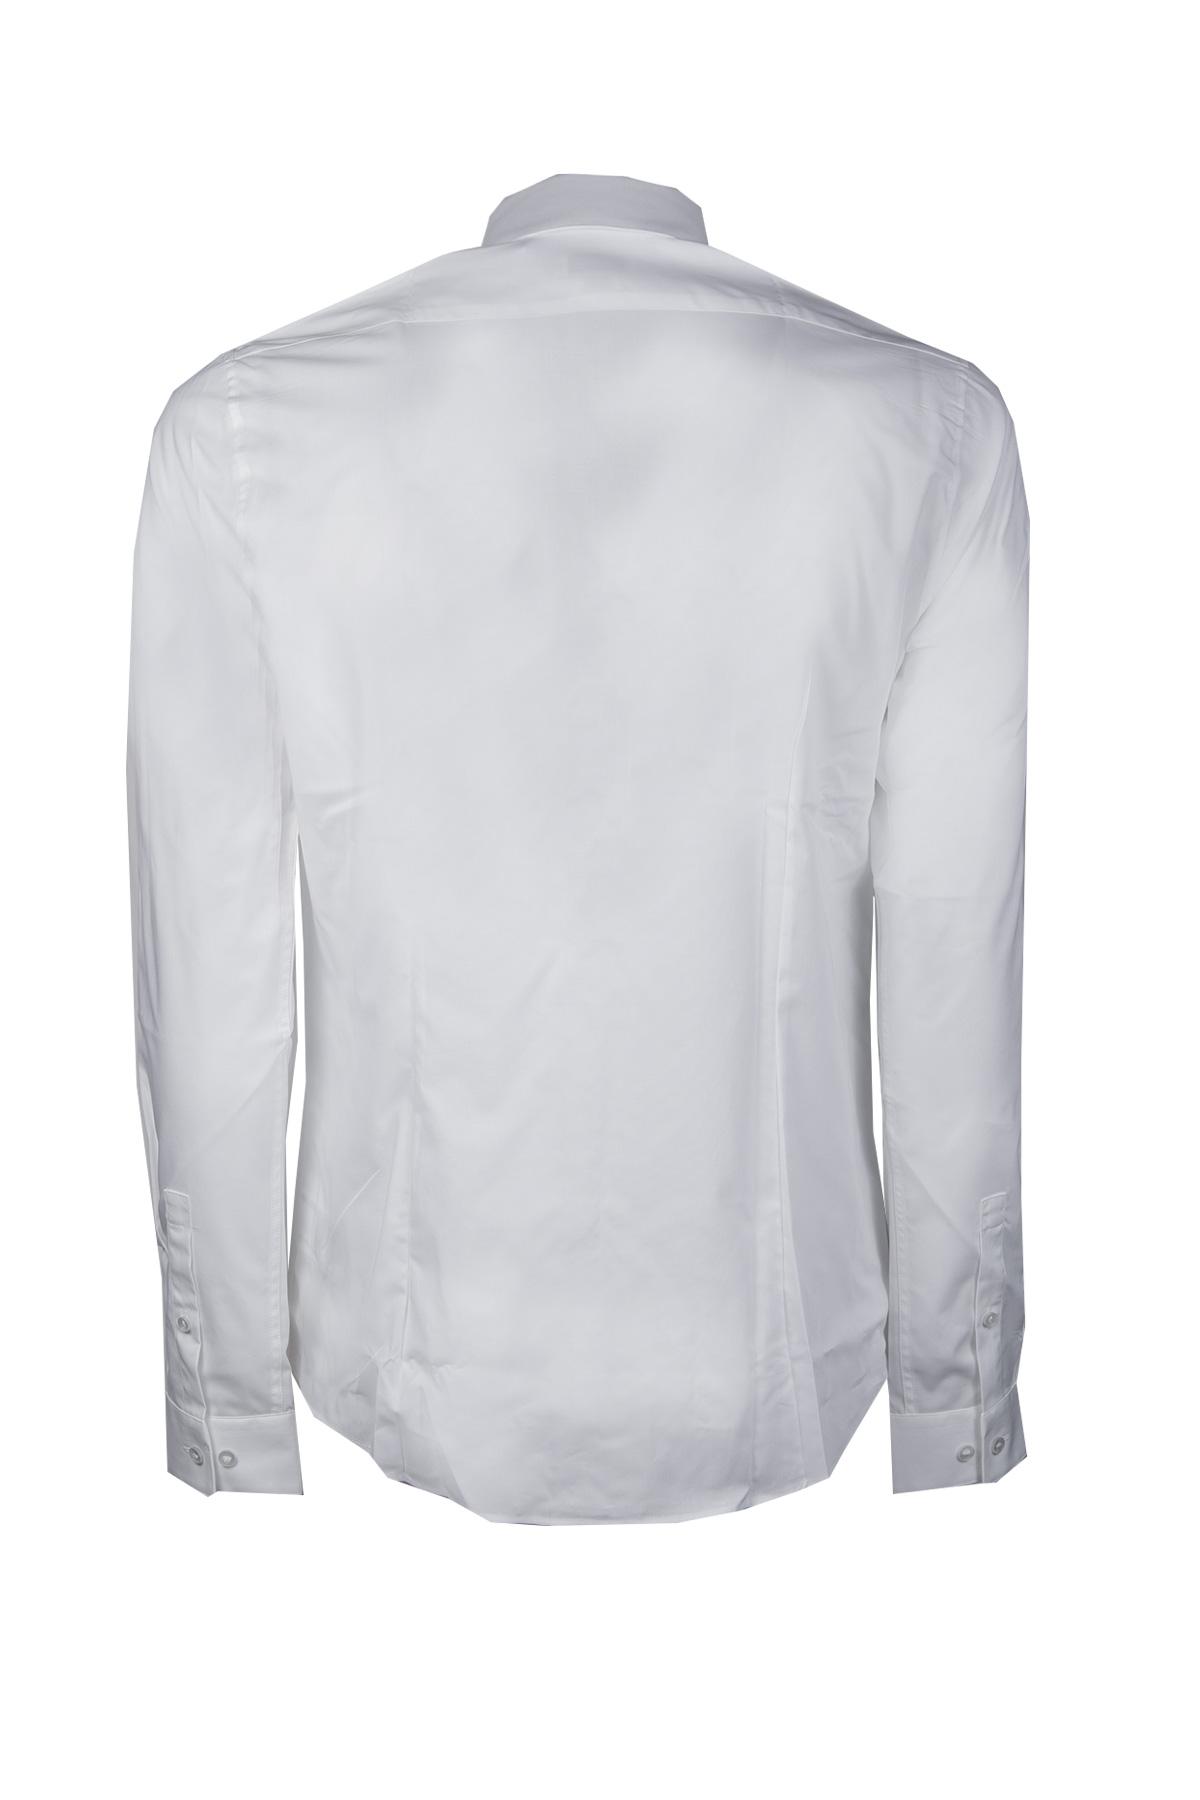 CAMICIA BASIC CALVIN KLEIN | Camicia | K30K300996-SIENA100WHITE